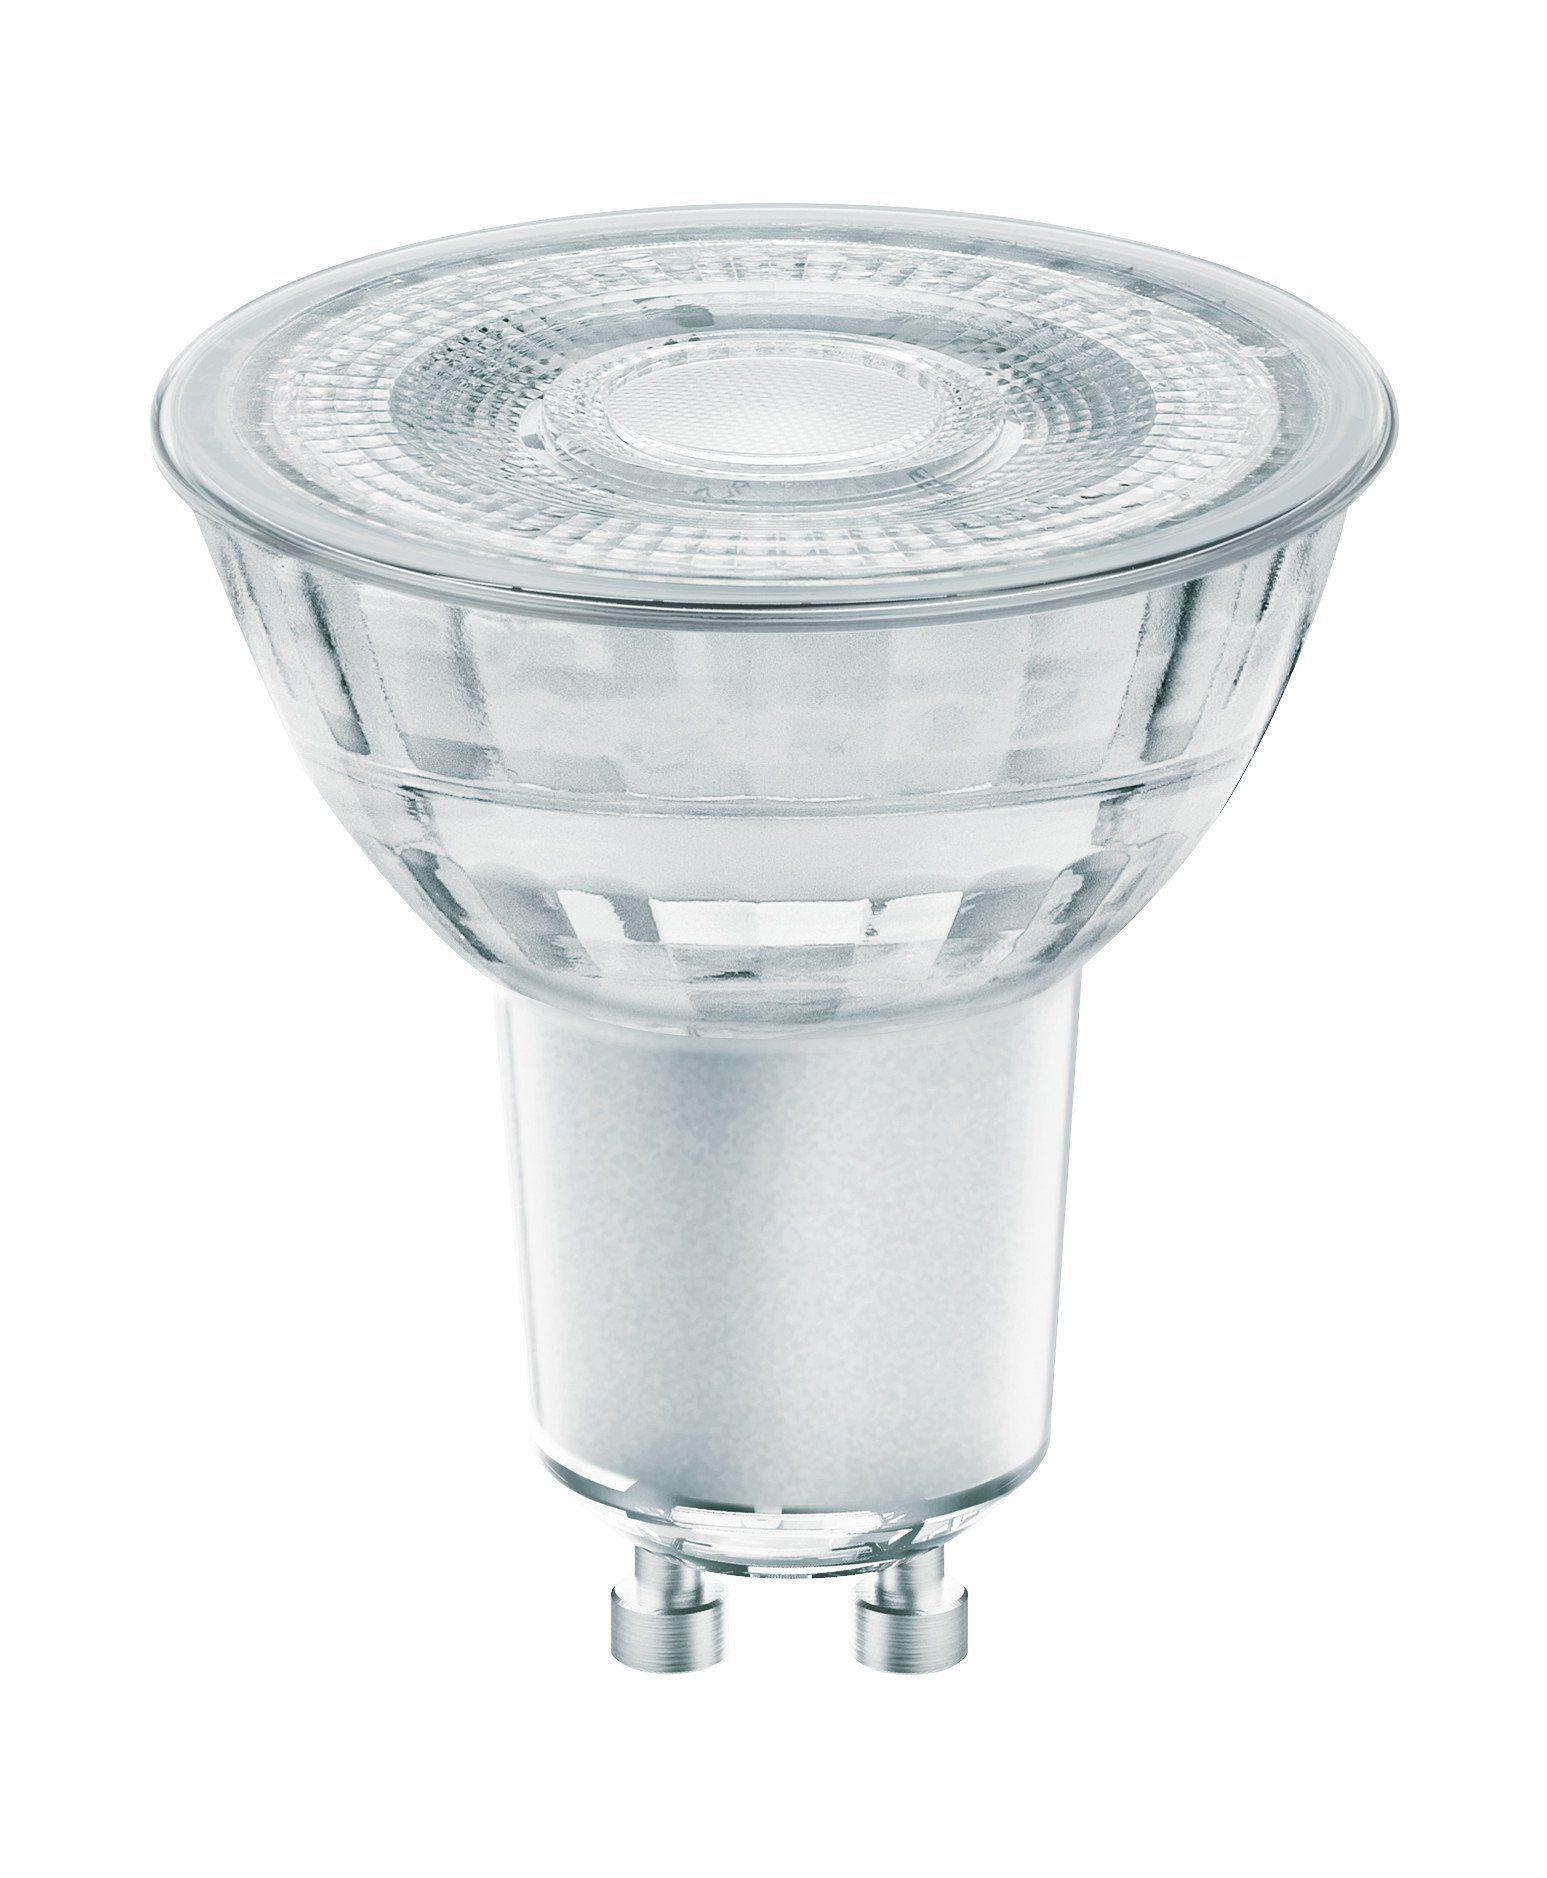 Osram SUPERSTAR PAR16 LED-Reflektorlampe »SST PAR 16 50 36° 4.6 W/827 GU10 GLOWdim«